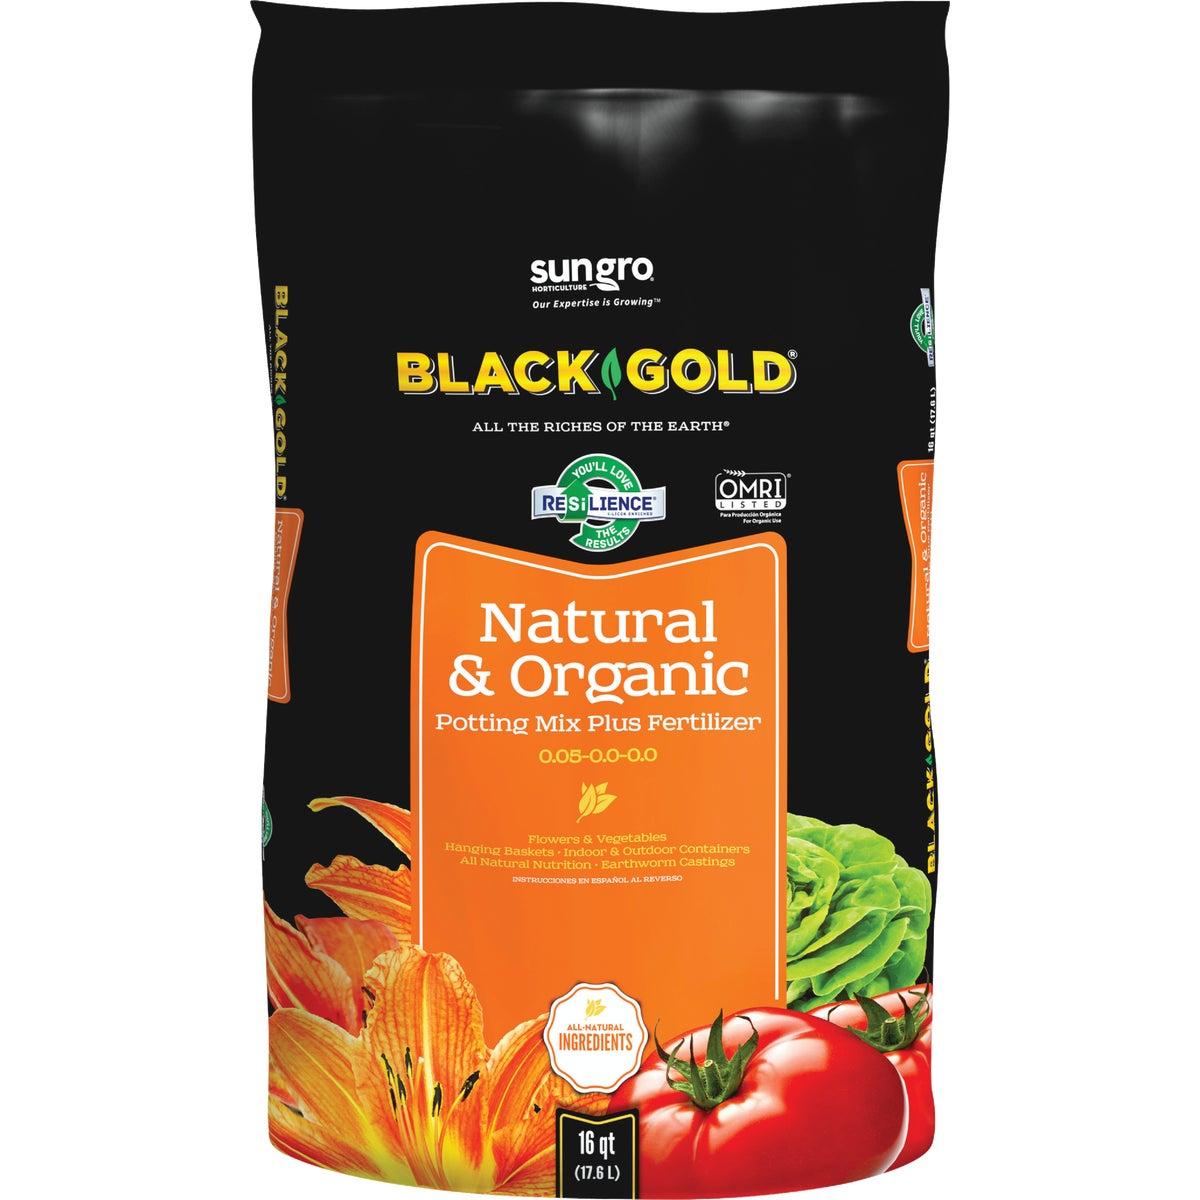 16QT BG NATRL/ORGNC SOIL - 1402040.Q16P by Sun Gro Horticulture